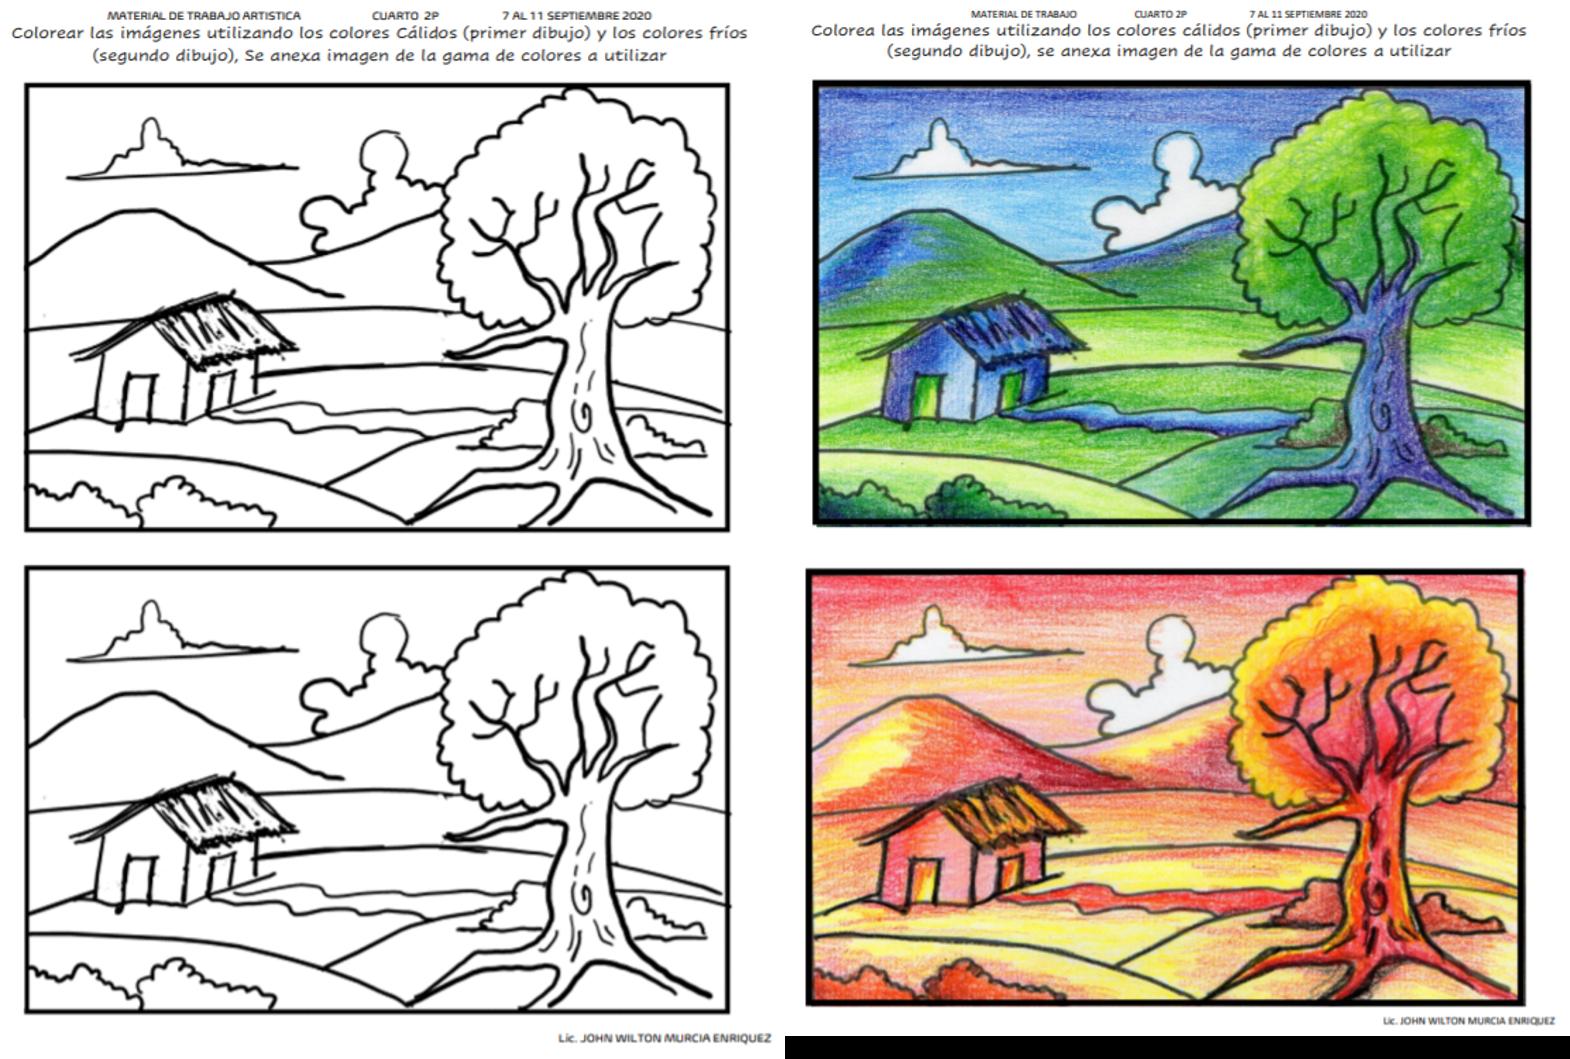 Calidos Y Frios Colores Calidos Y Frios Dibujos Calidos Y Frios Dibujos Con Colores Calidos